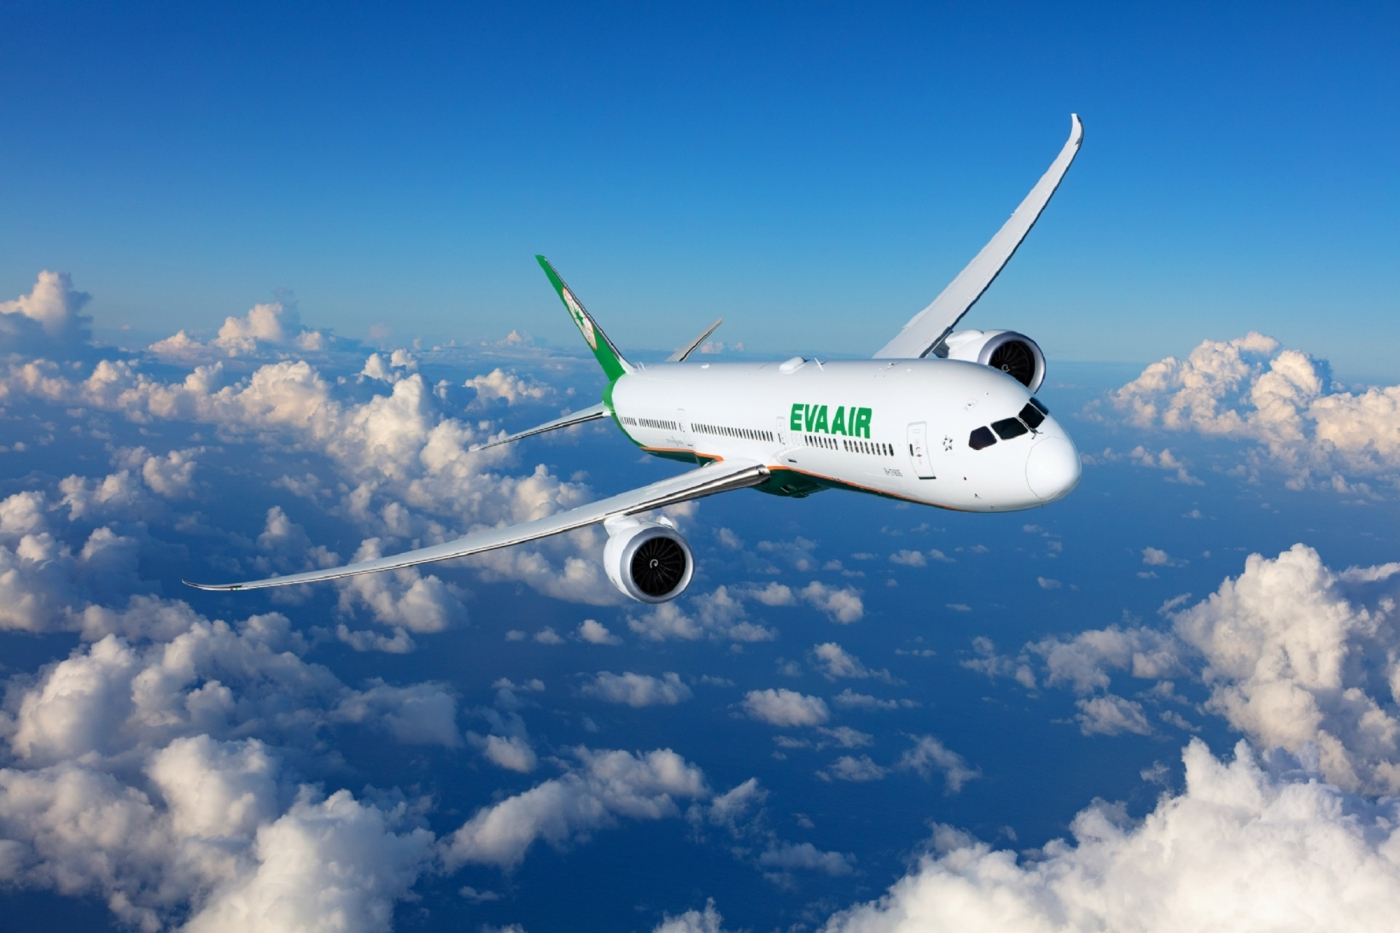 從嚴認定!交通部對長榮航空開罰100萬元、紐西蘭機長已被免職